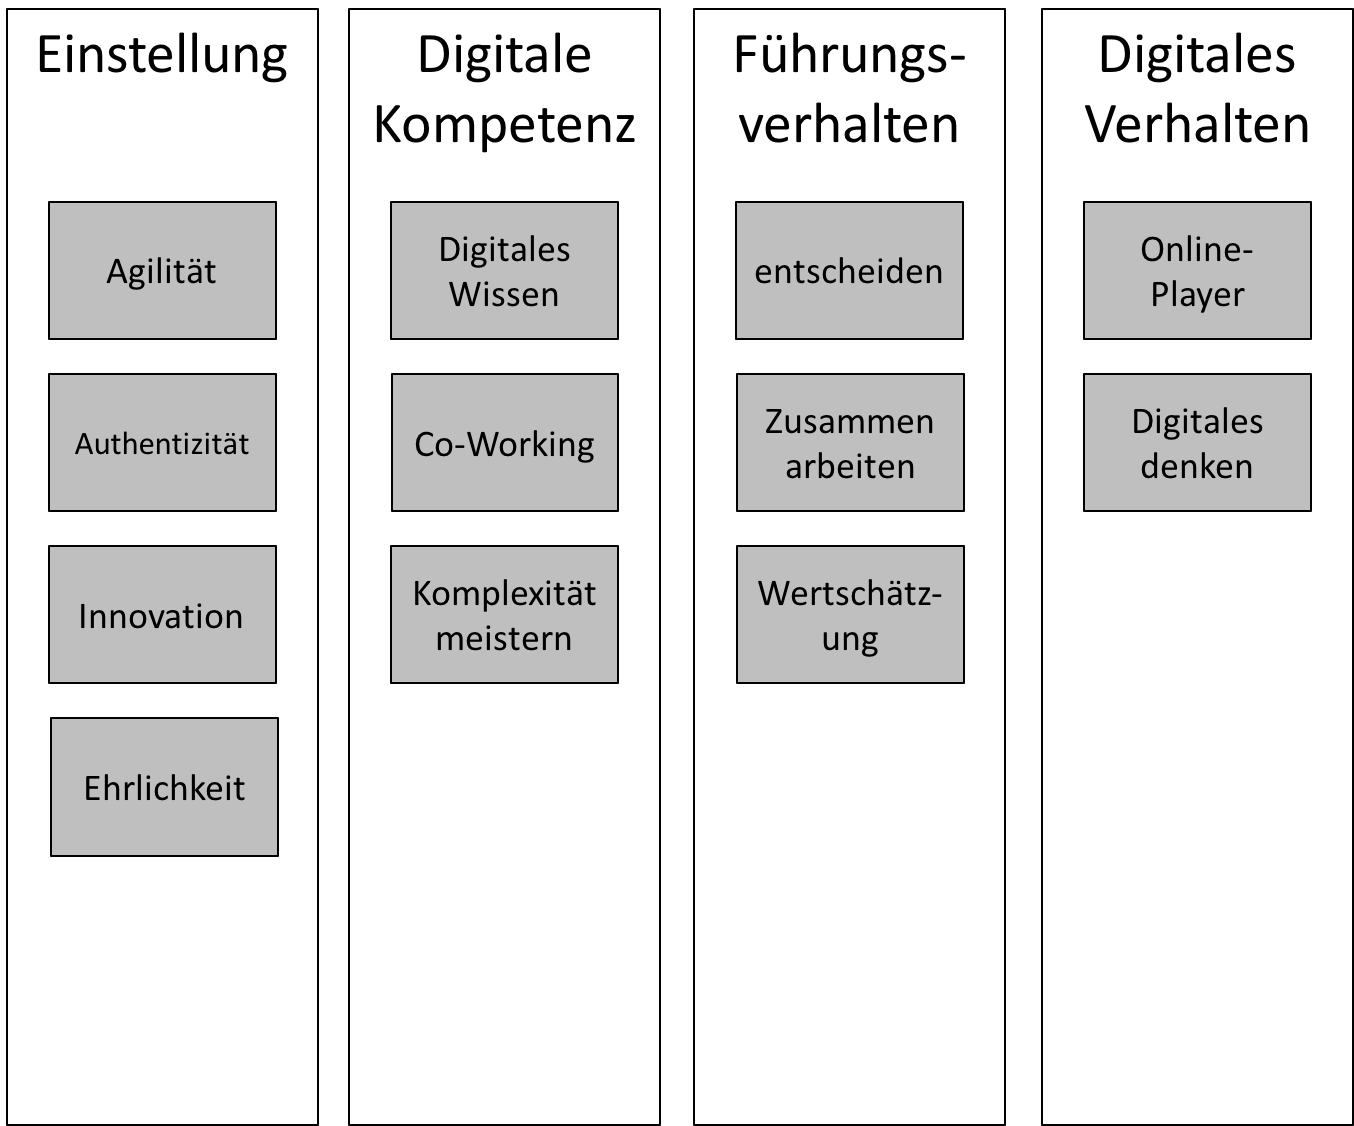 Führung im digitalen zeitalter